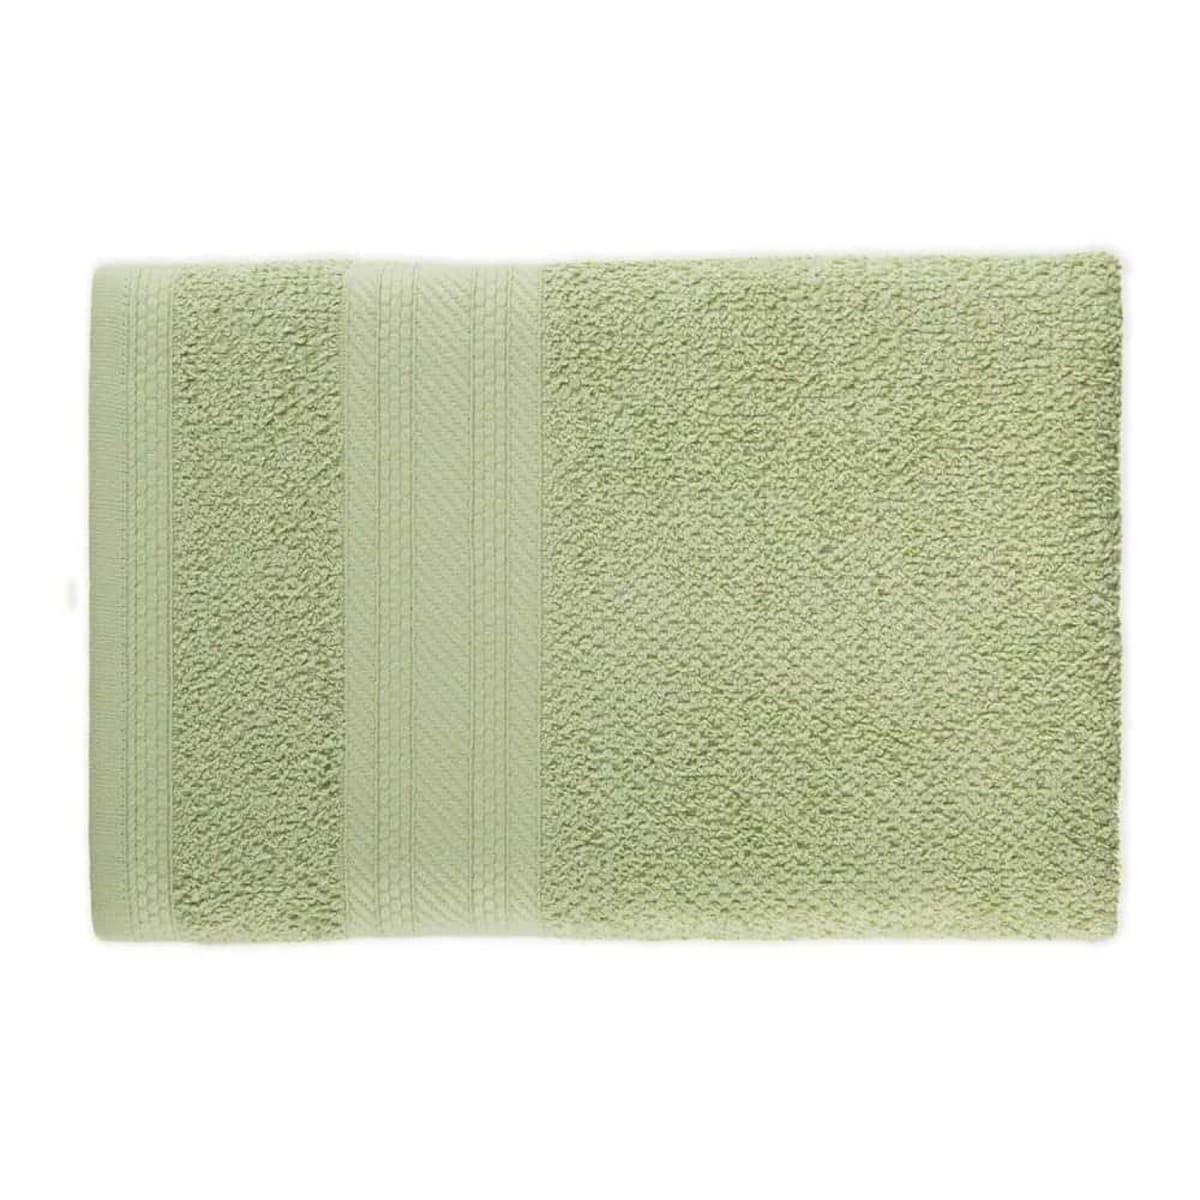 Toalha banho empire 70x135 Verde Folha